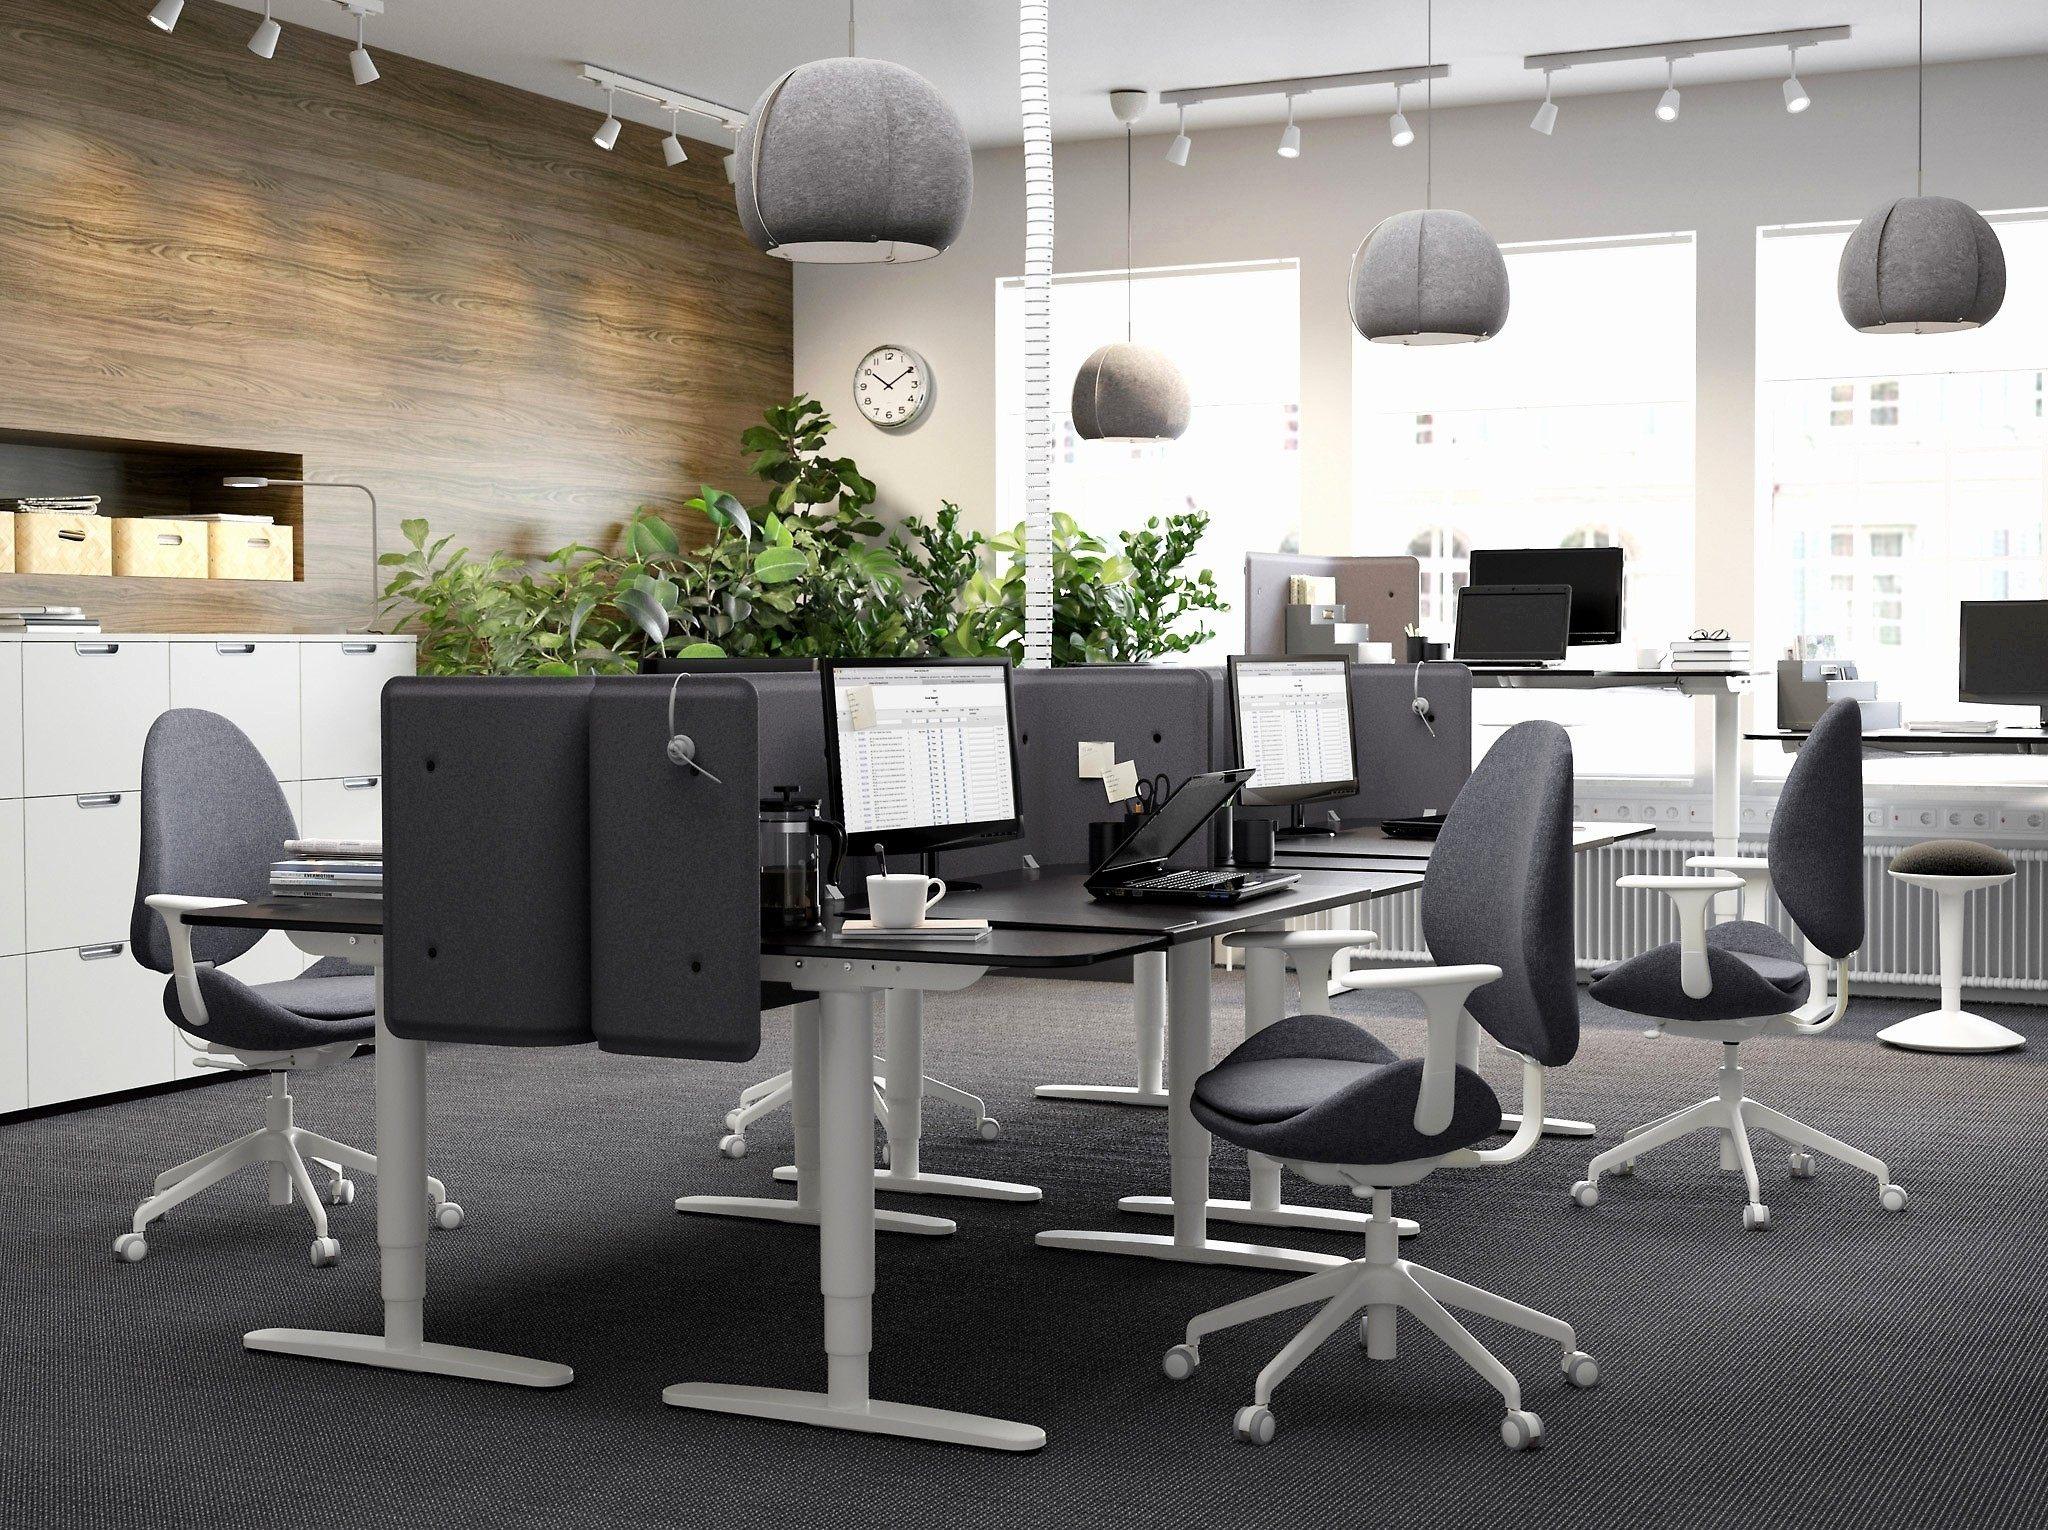 Lit Deux Places Luxe Fauteuil Design Ikea Délicieuse S Fauteuil Lit 2 Places